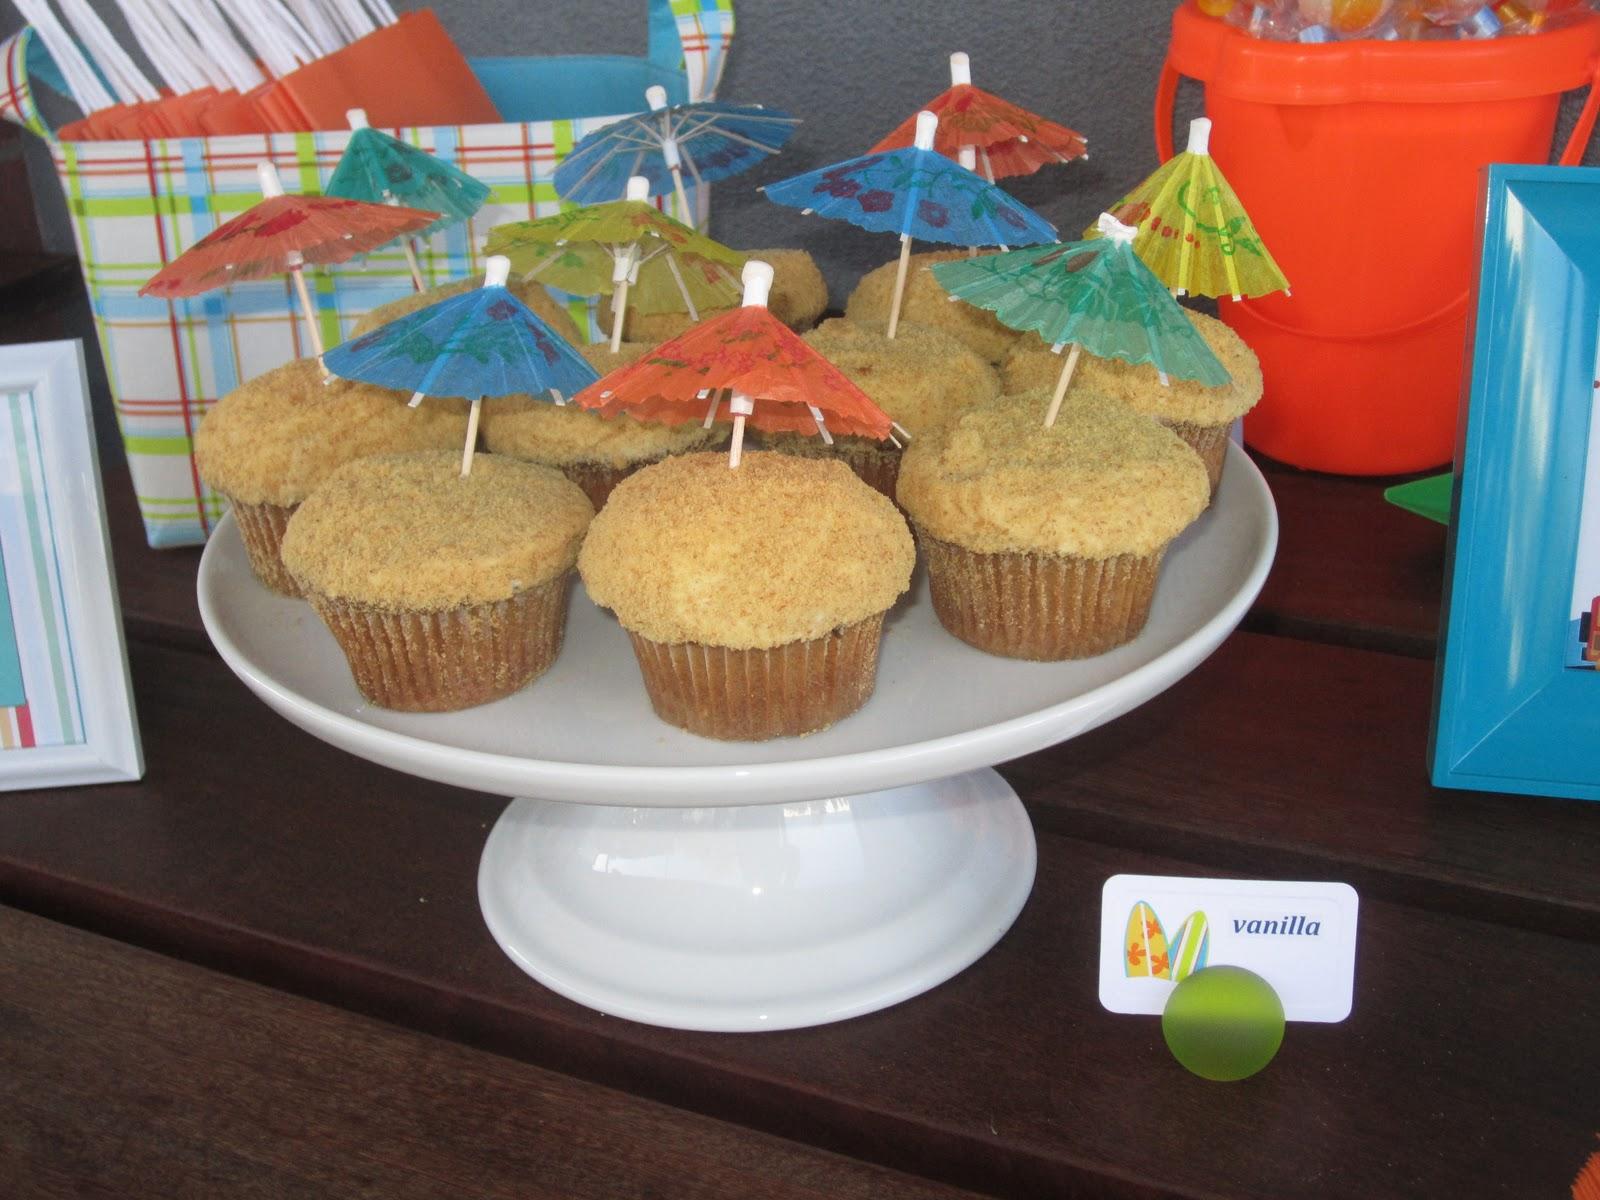 http://4.bp.blogspot.com/-C0tQRDsMqO8/TrmE6StpDjI/AAAAAAAAAyM/6YGMKktPOW8/s1600/umbrella+cupcakes.jpg